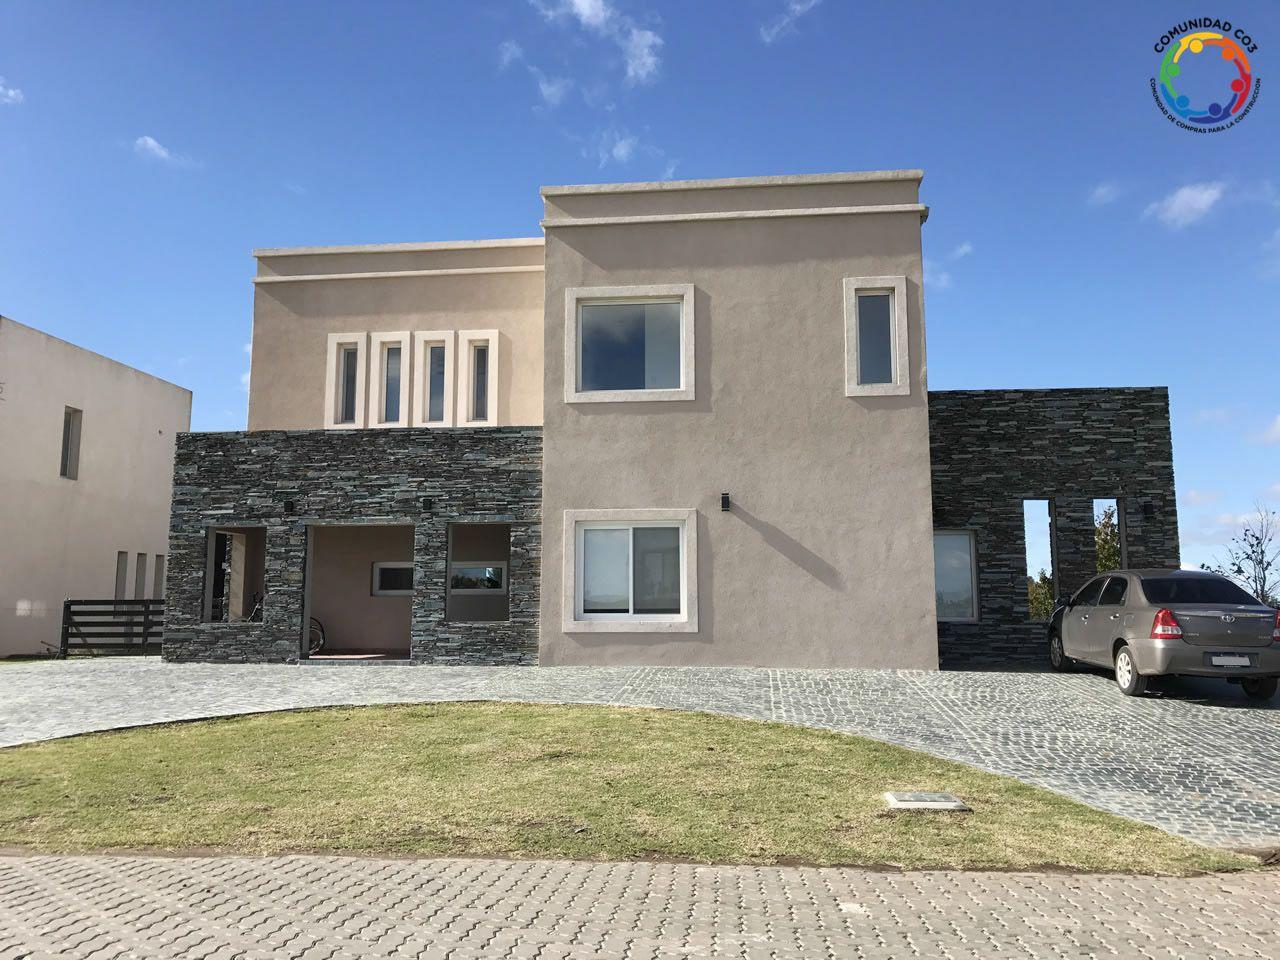 Casas piedras modernas casas modernas home house for Casas modernas nordelta